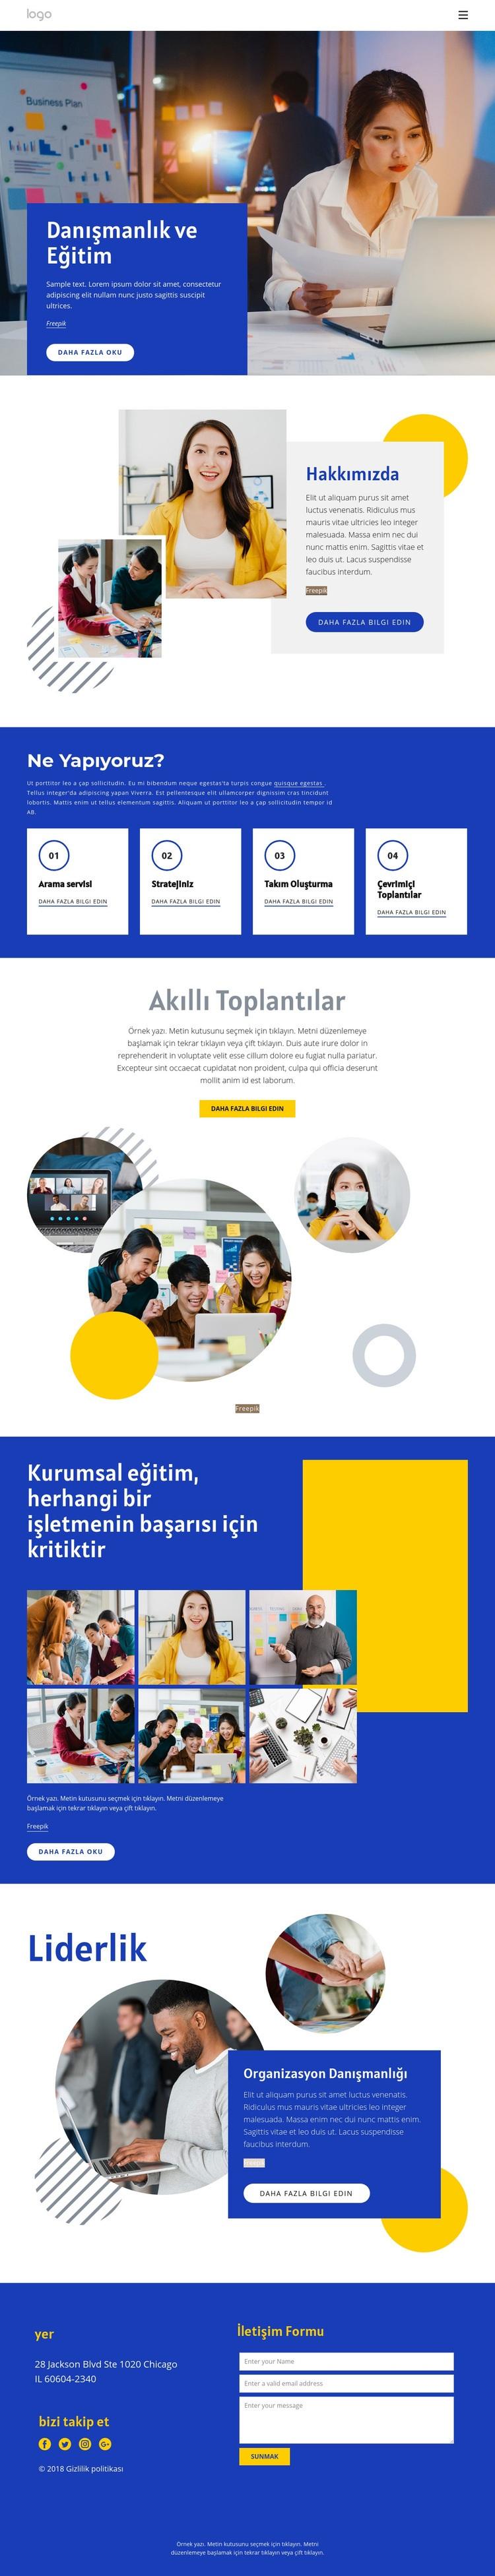 Danışmanlık ve eğitim Web Sitesi Şablonu